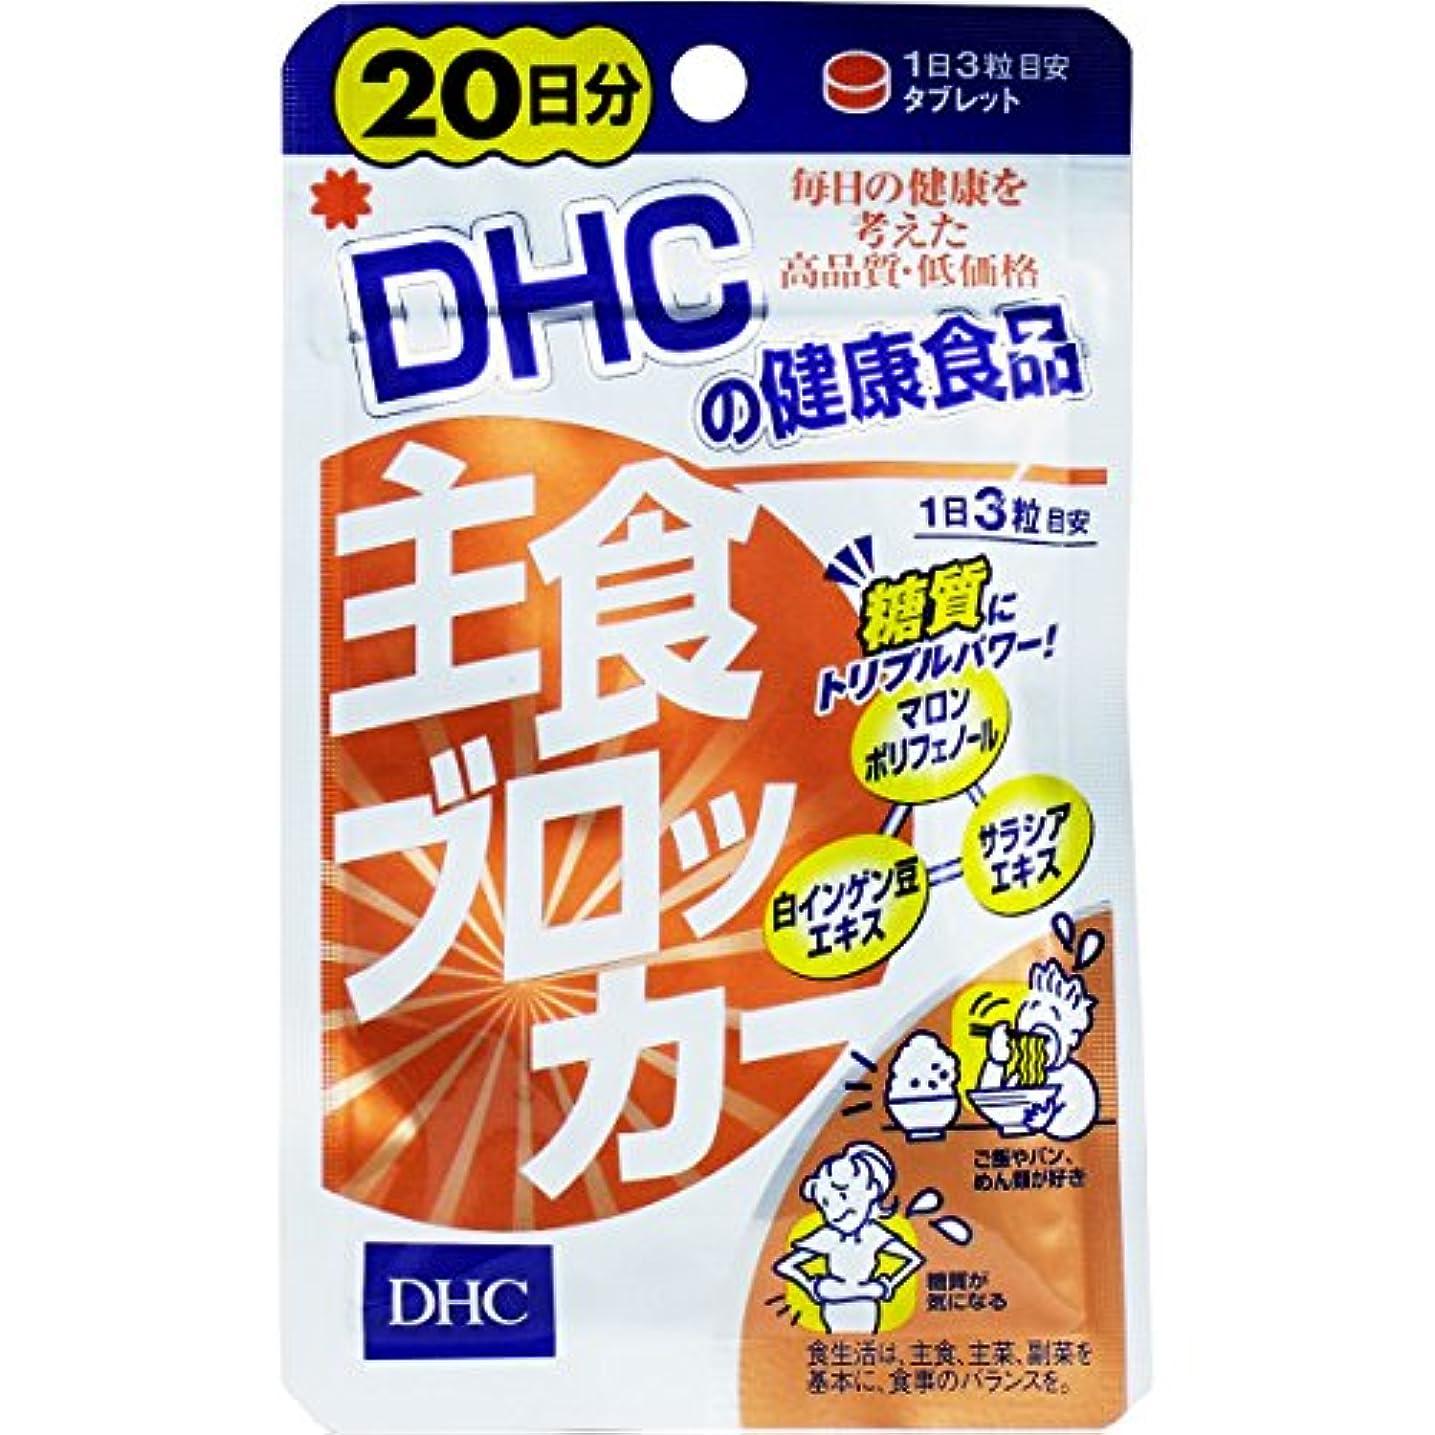 サイレン知らせる振るダイエット トリプルパワーでため込み対策 栄養機能食品 DHC 主食ブロッカー 20日分 60粒入【4個セット】